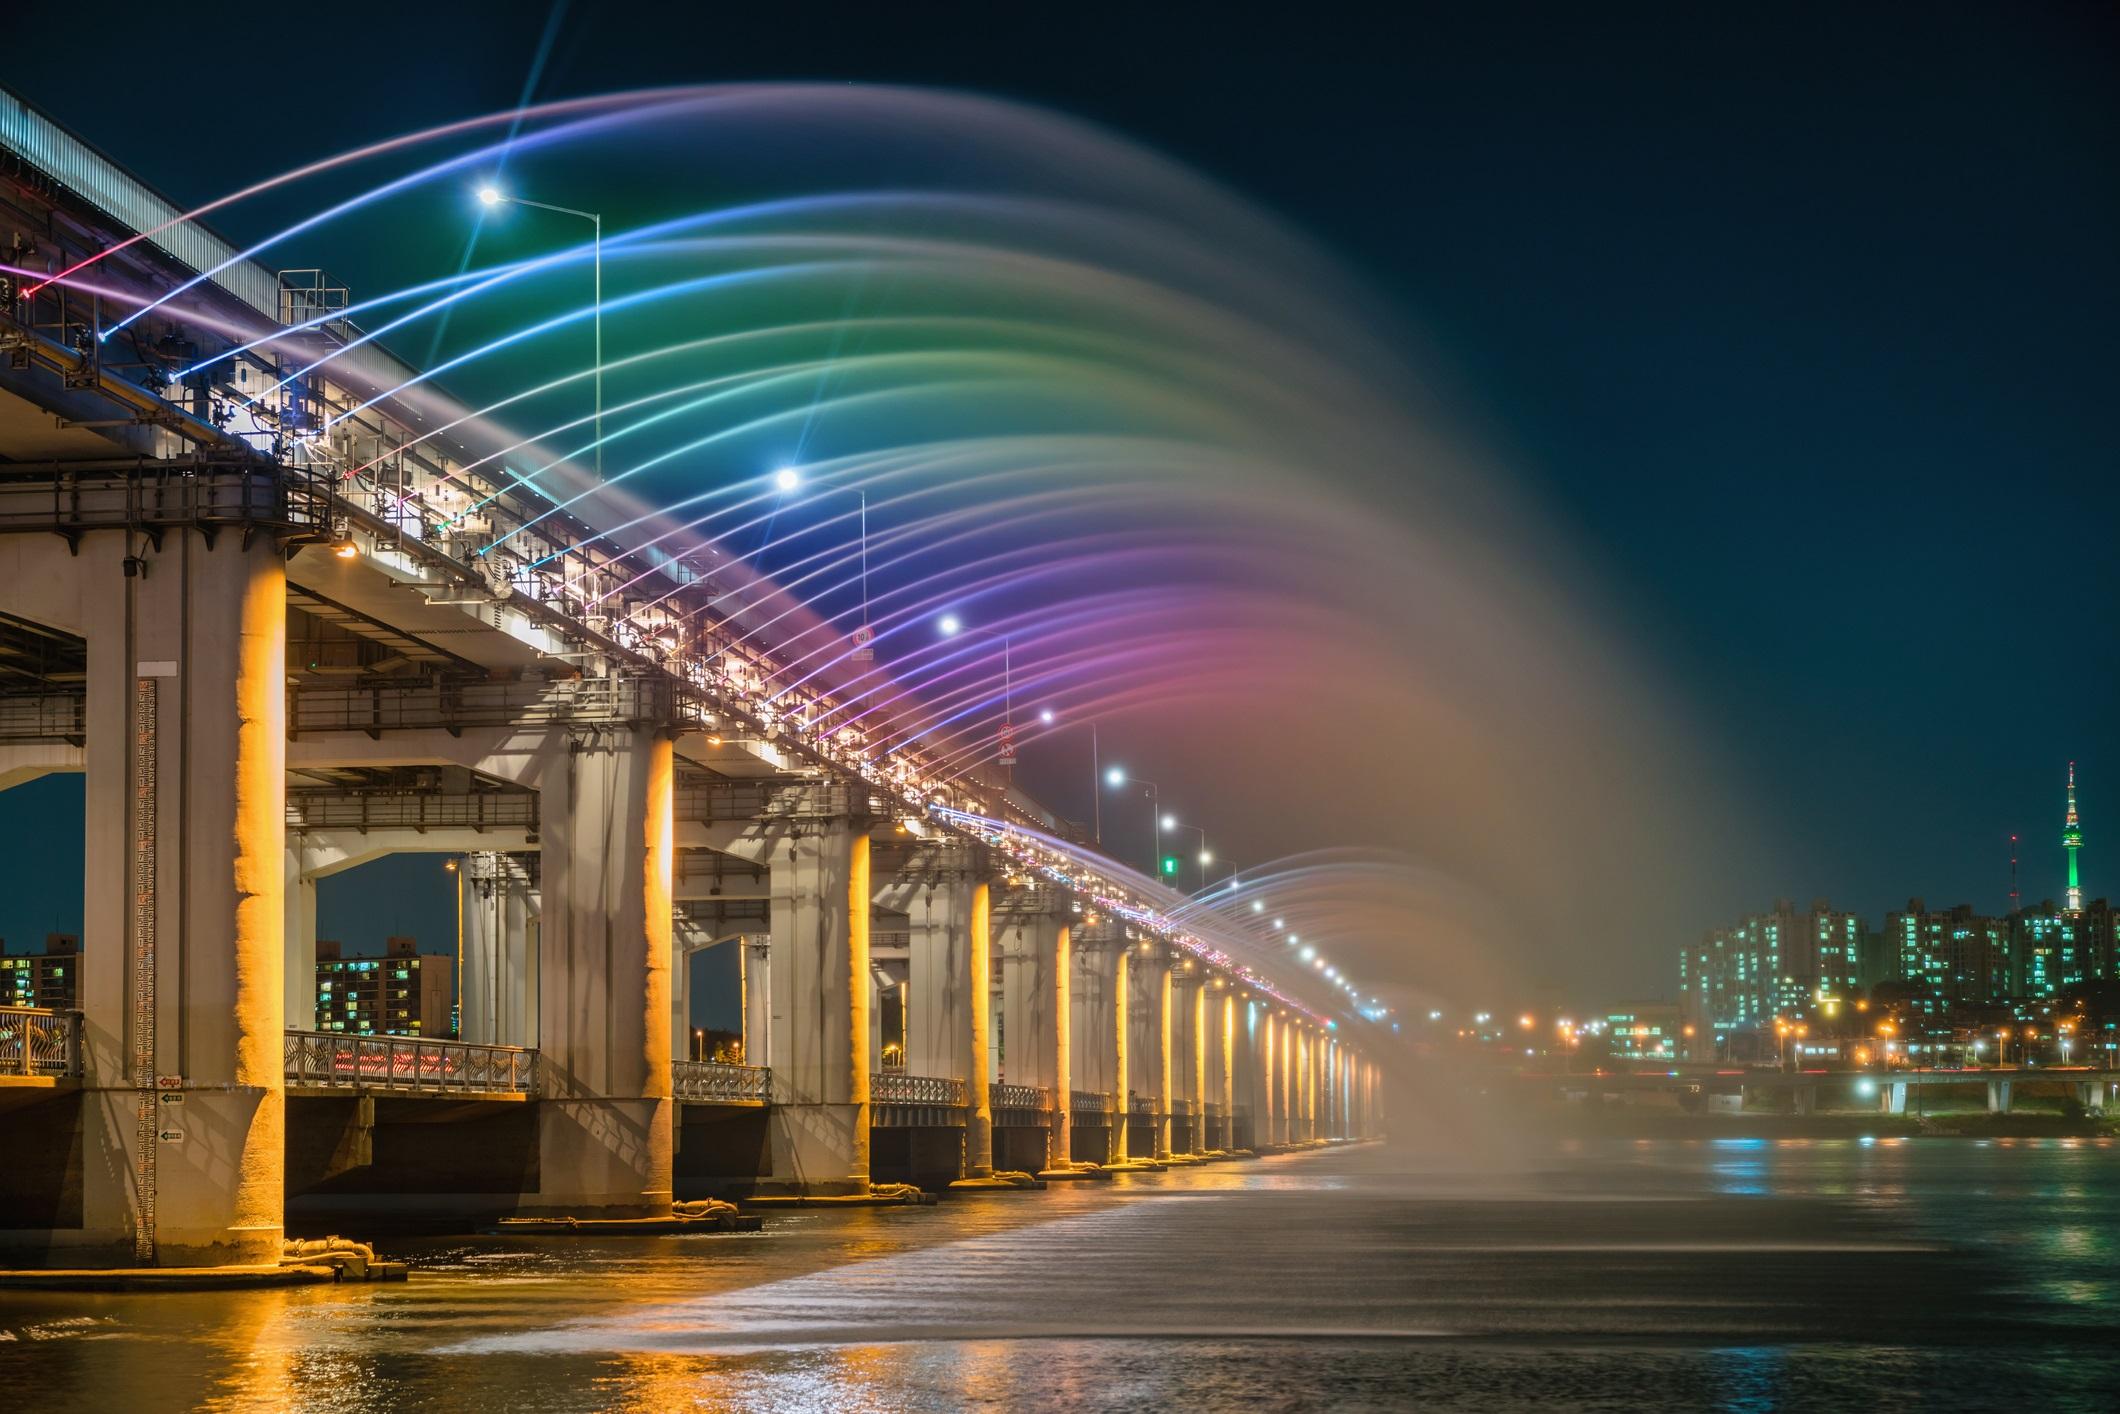 <p><strong>Банпо (Сеул, Южна Корея)</strong></p>  <p>Дръзкият и пъстър мост на Банпо в Сеул се извисява над река Хан. Той стана известен със своето шоу Moonlight Rainbow Fountain, в което блестят красиви LED светлини, свири музика и почти 200 тона вода преминават от двете страни на моста всяка минута.</p>